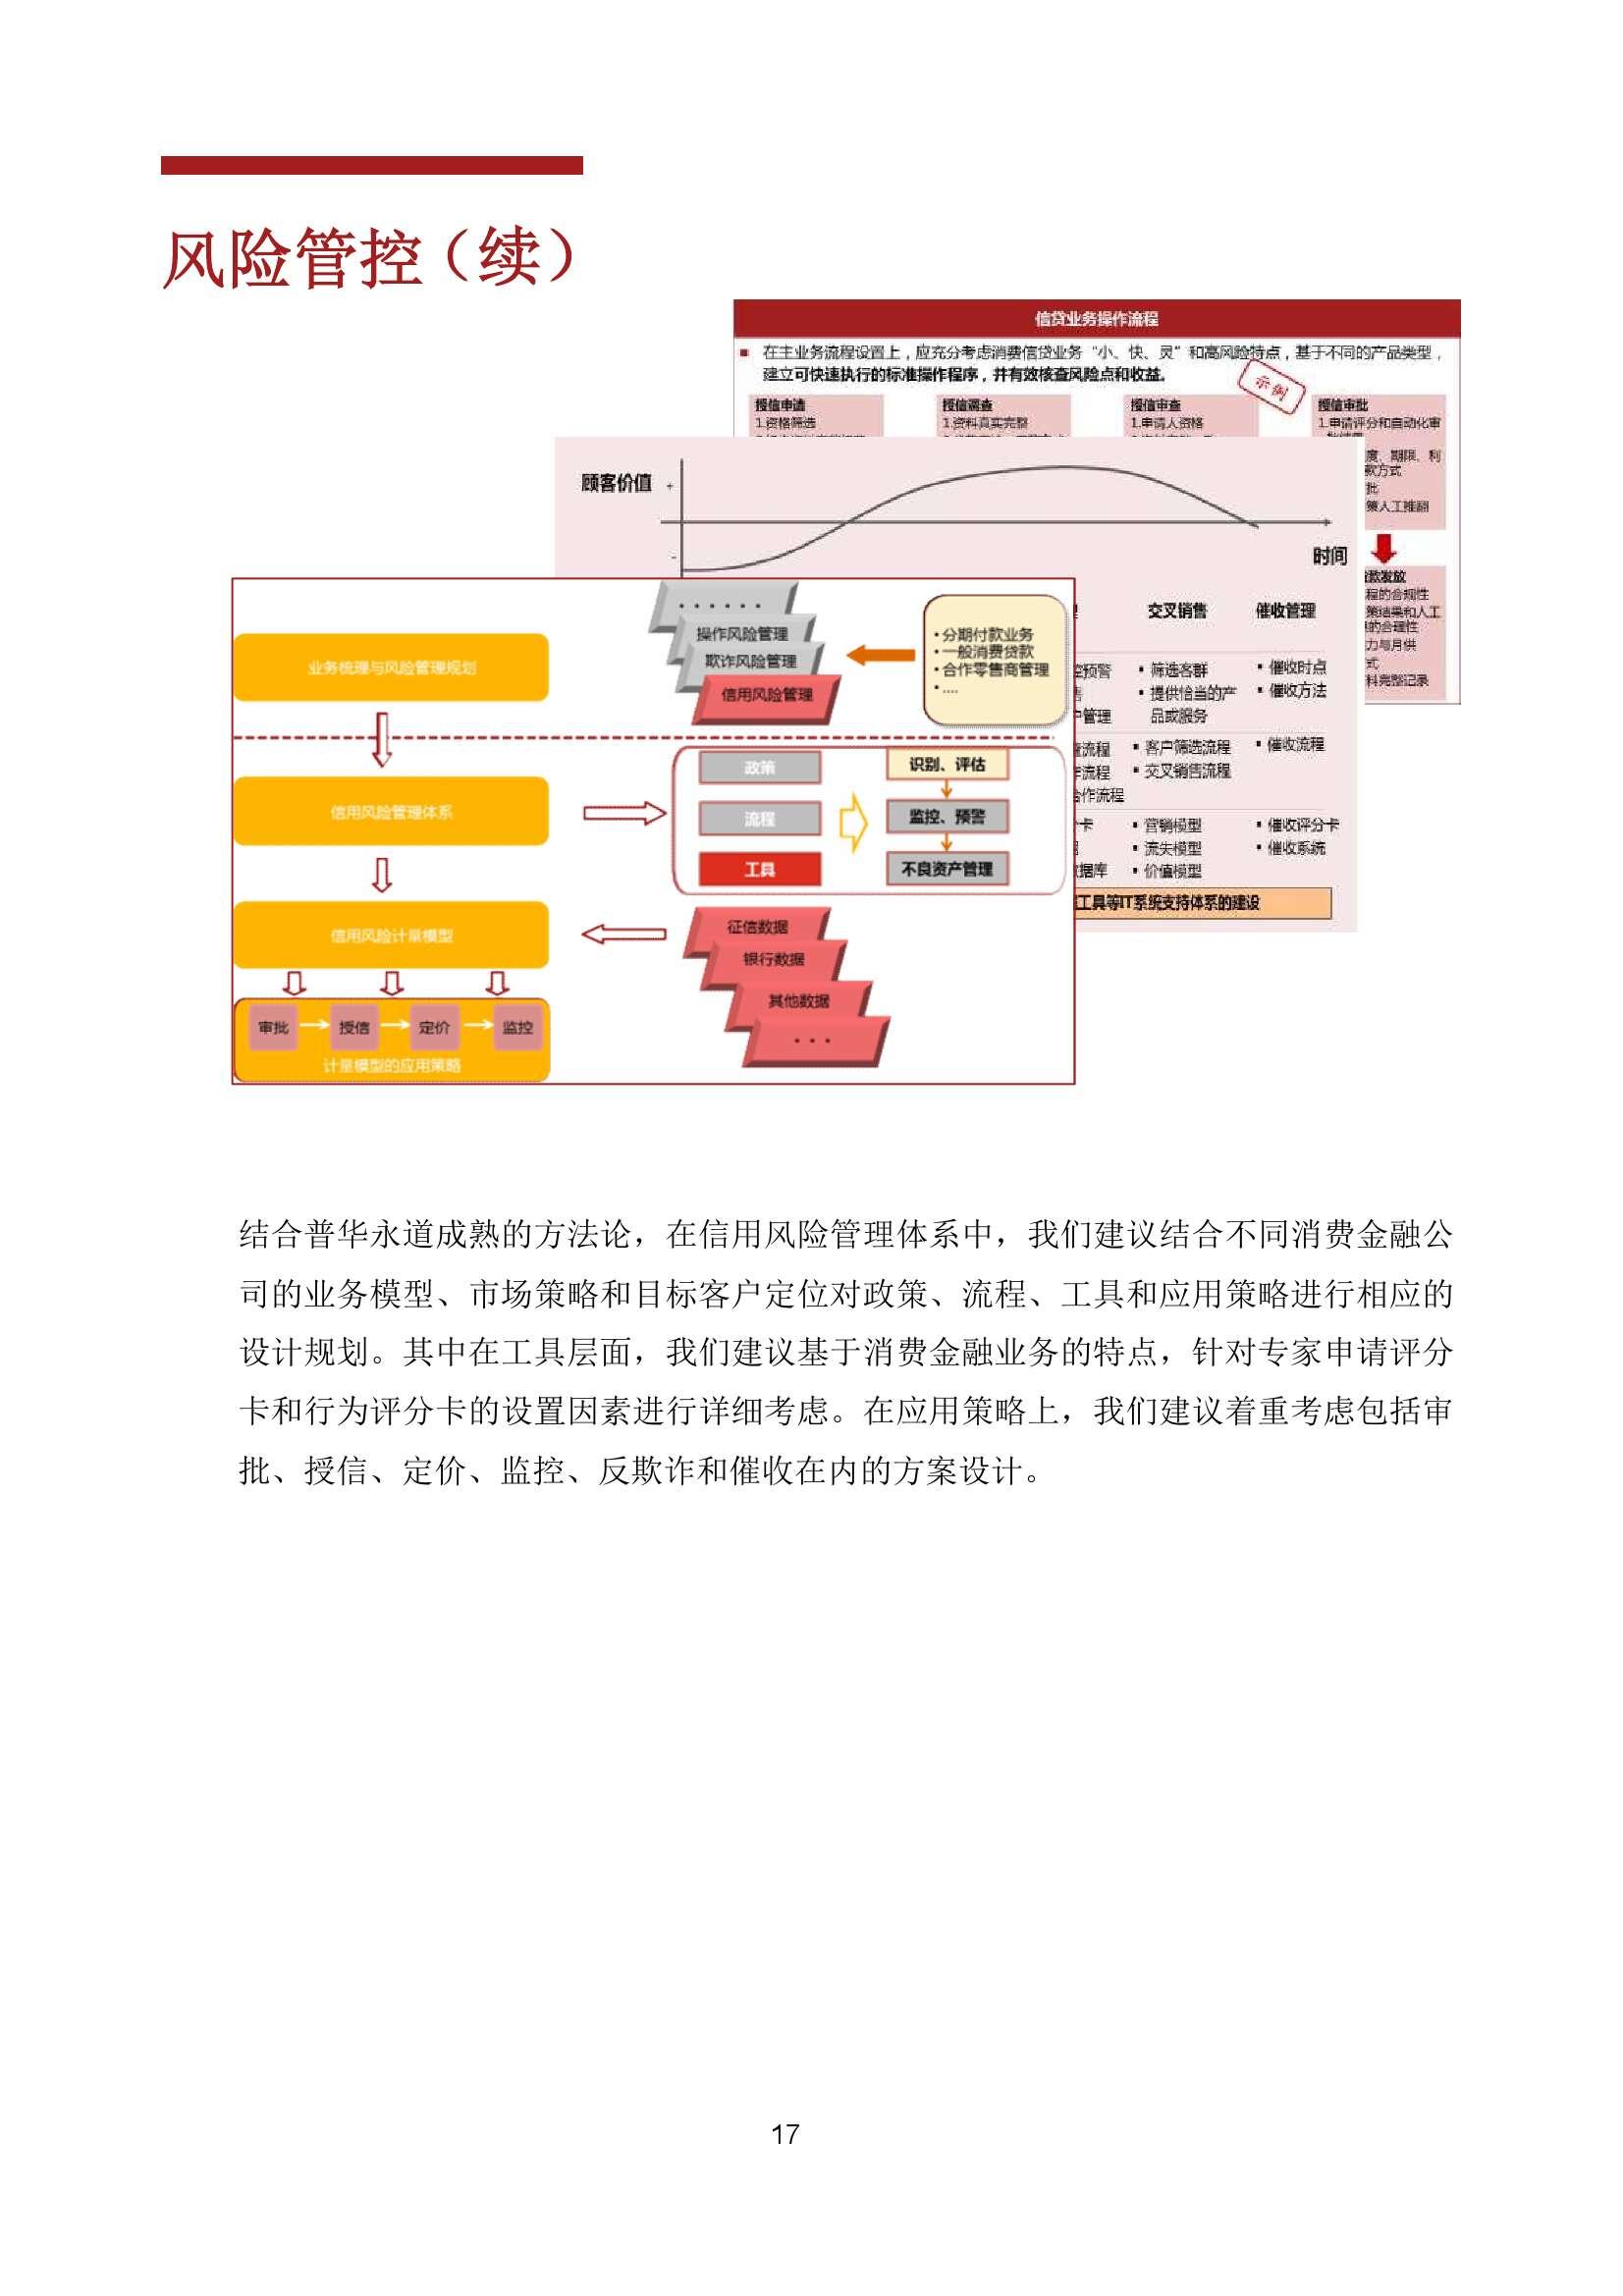 中国零售银行的蓝海_000017